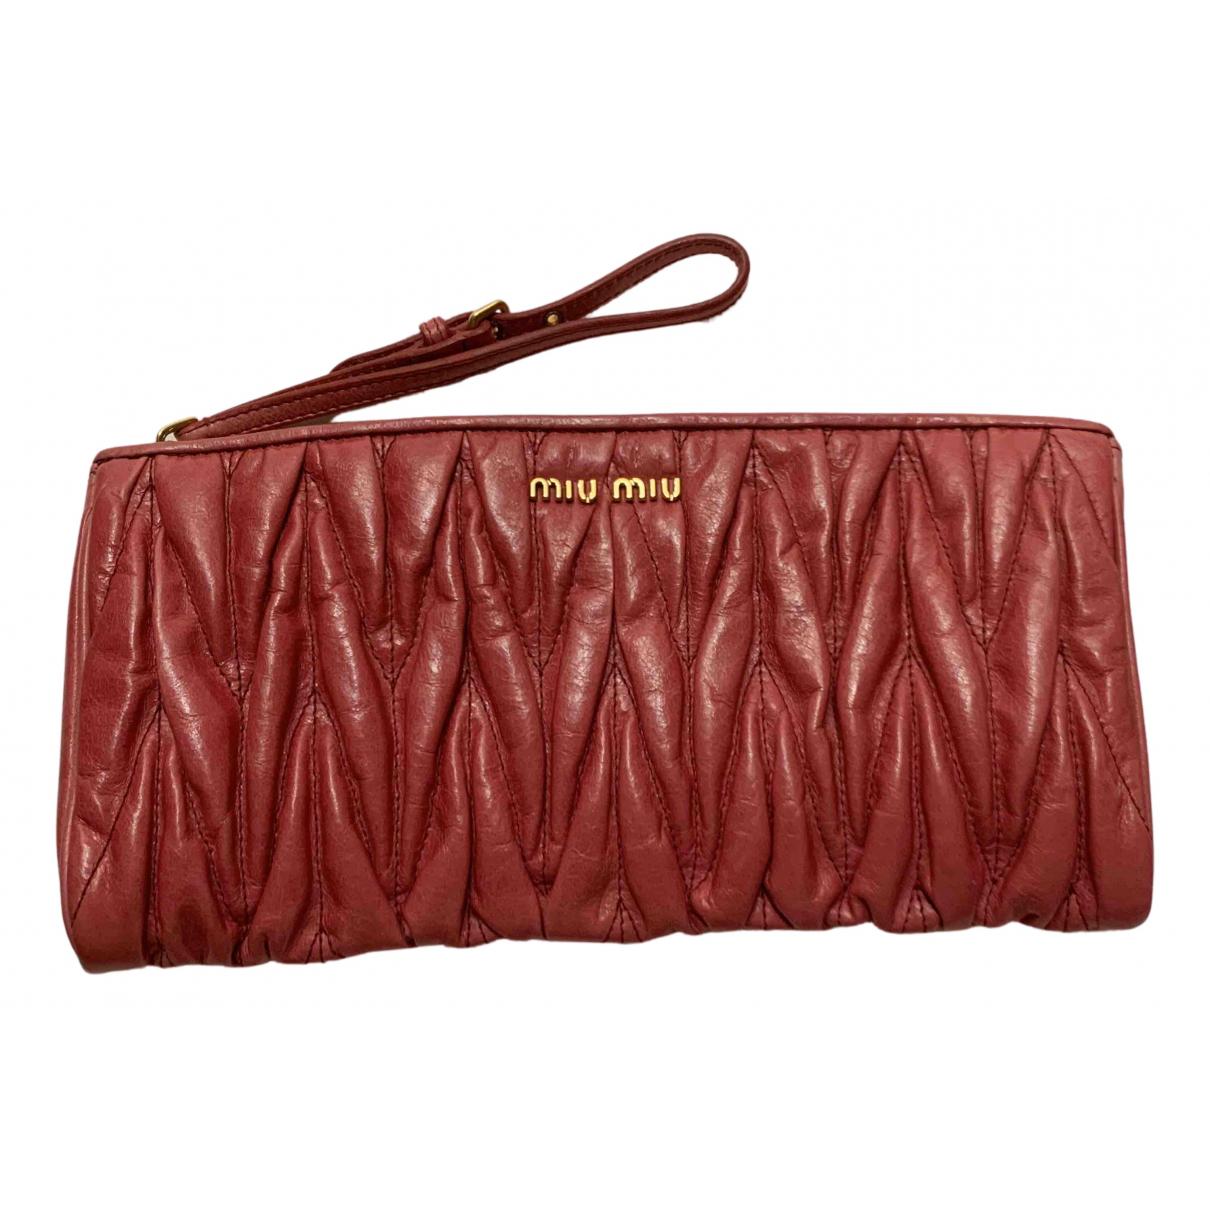 Miu Miu N Red Leather Clutch bag for Women N